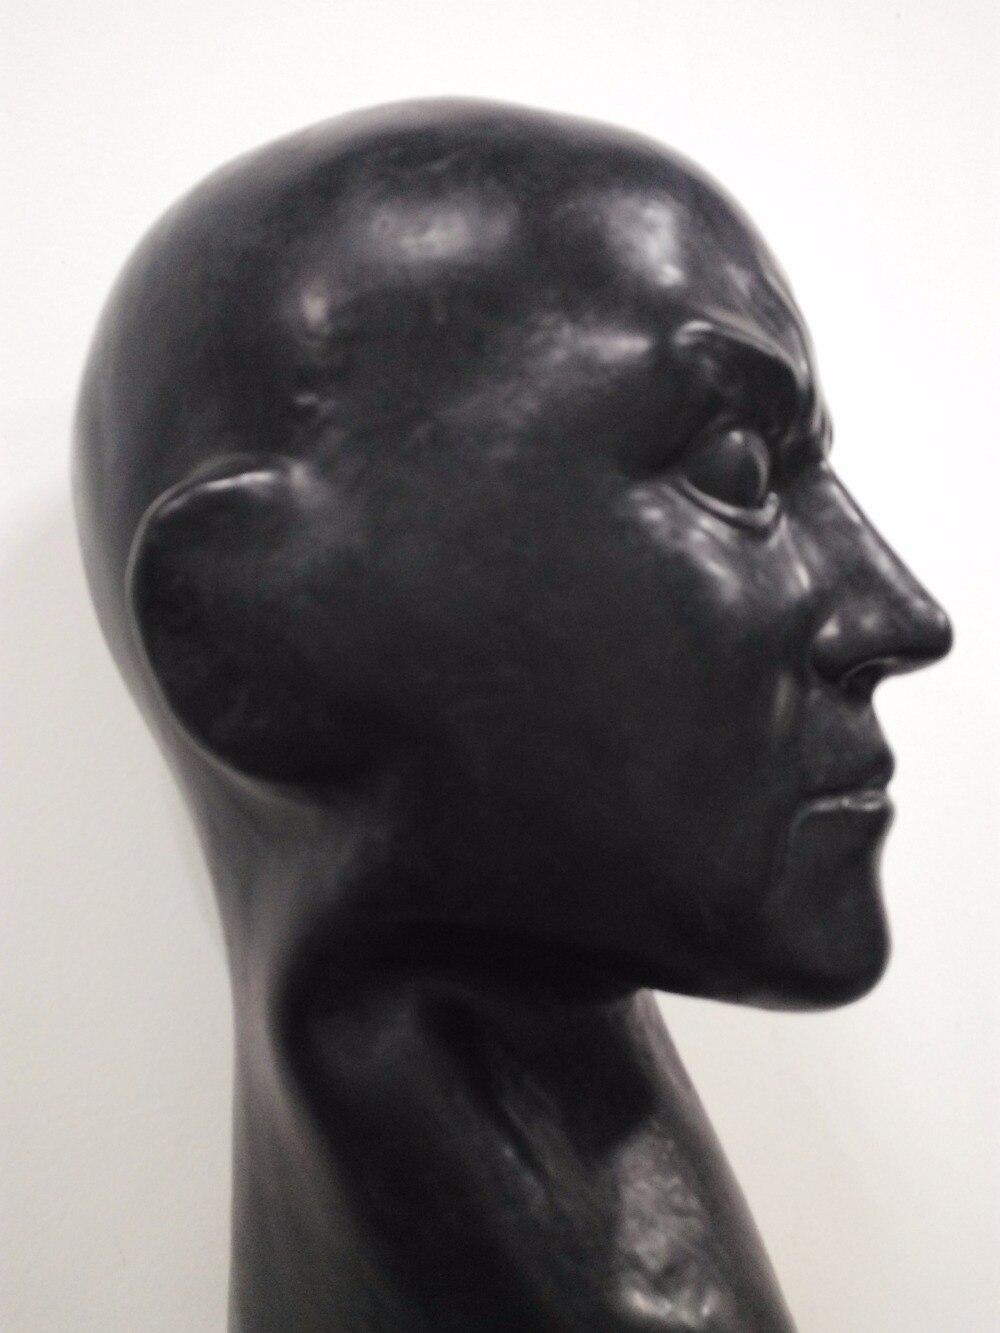 (LS08) fétiche Latex pleine tête humain anatomique mâle visage latex homme masque SM étouffant caoutchouc capuche SM étouffant masque fétiche porter